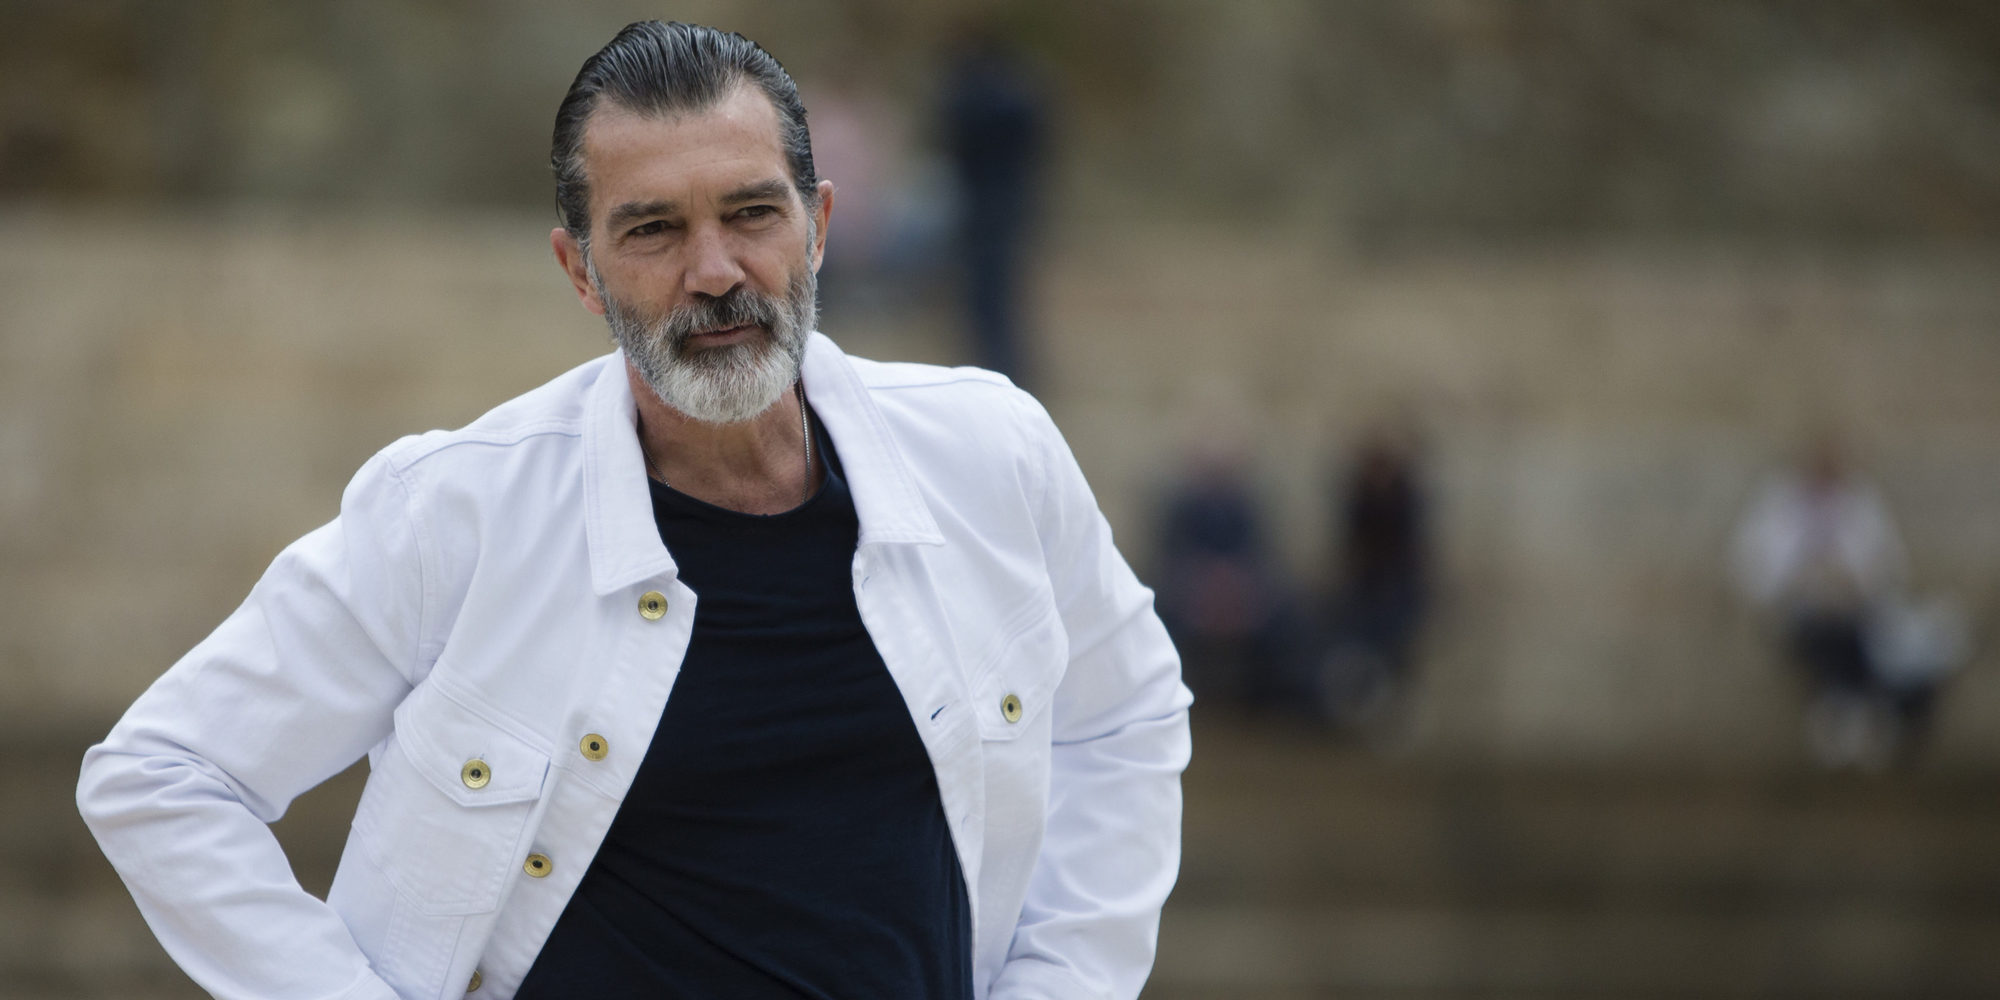 Antonio Banderas abandona un proyecto cultural por 'insultos' y un 'trato humillante'